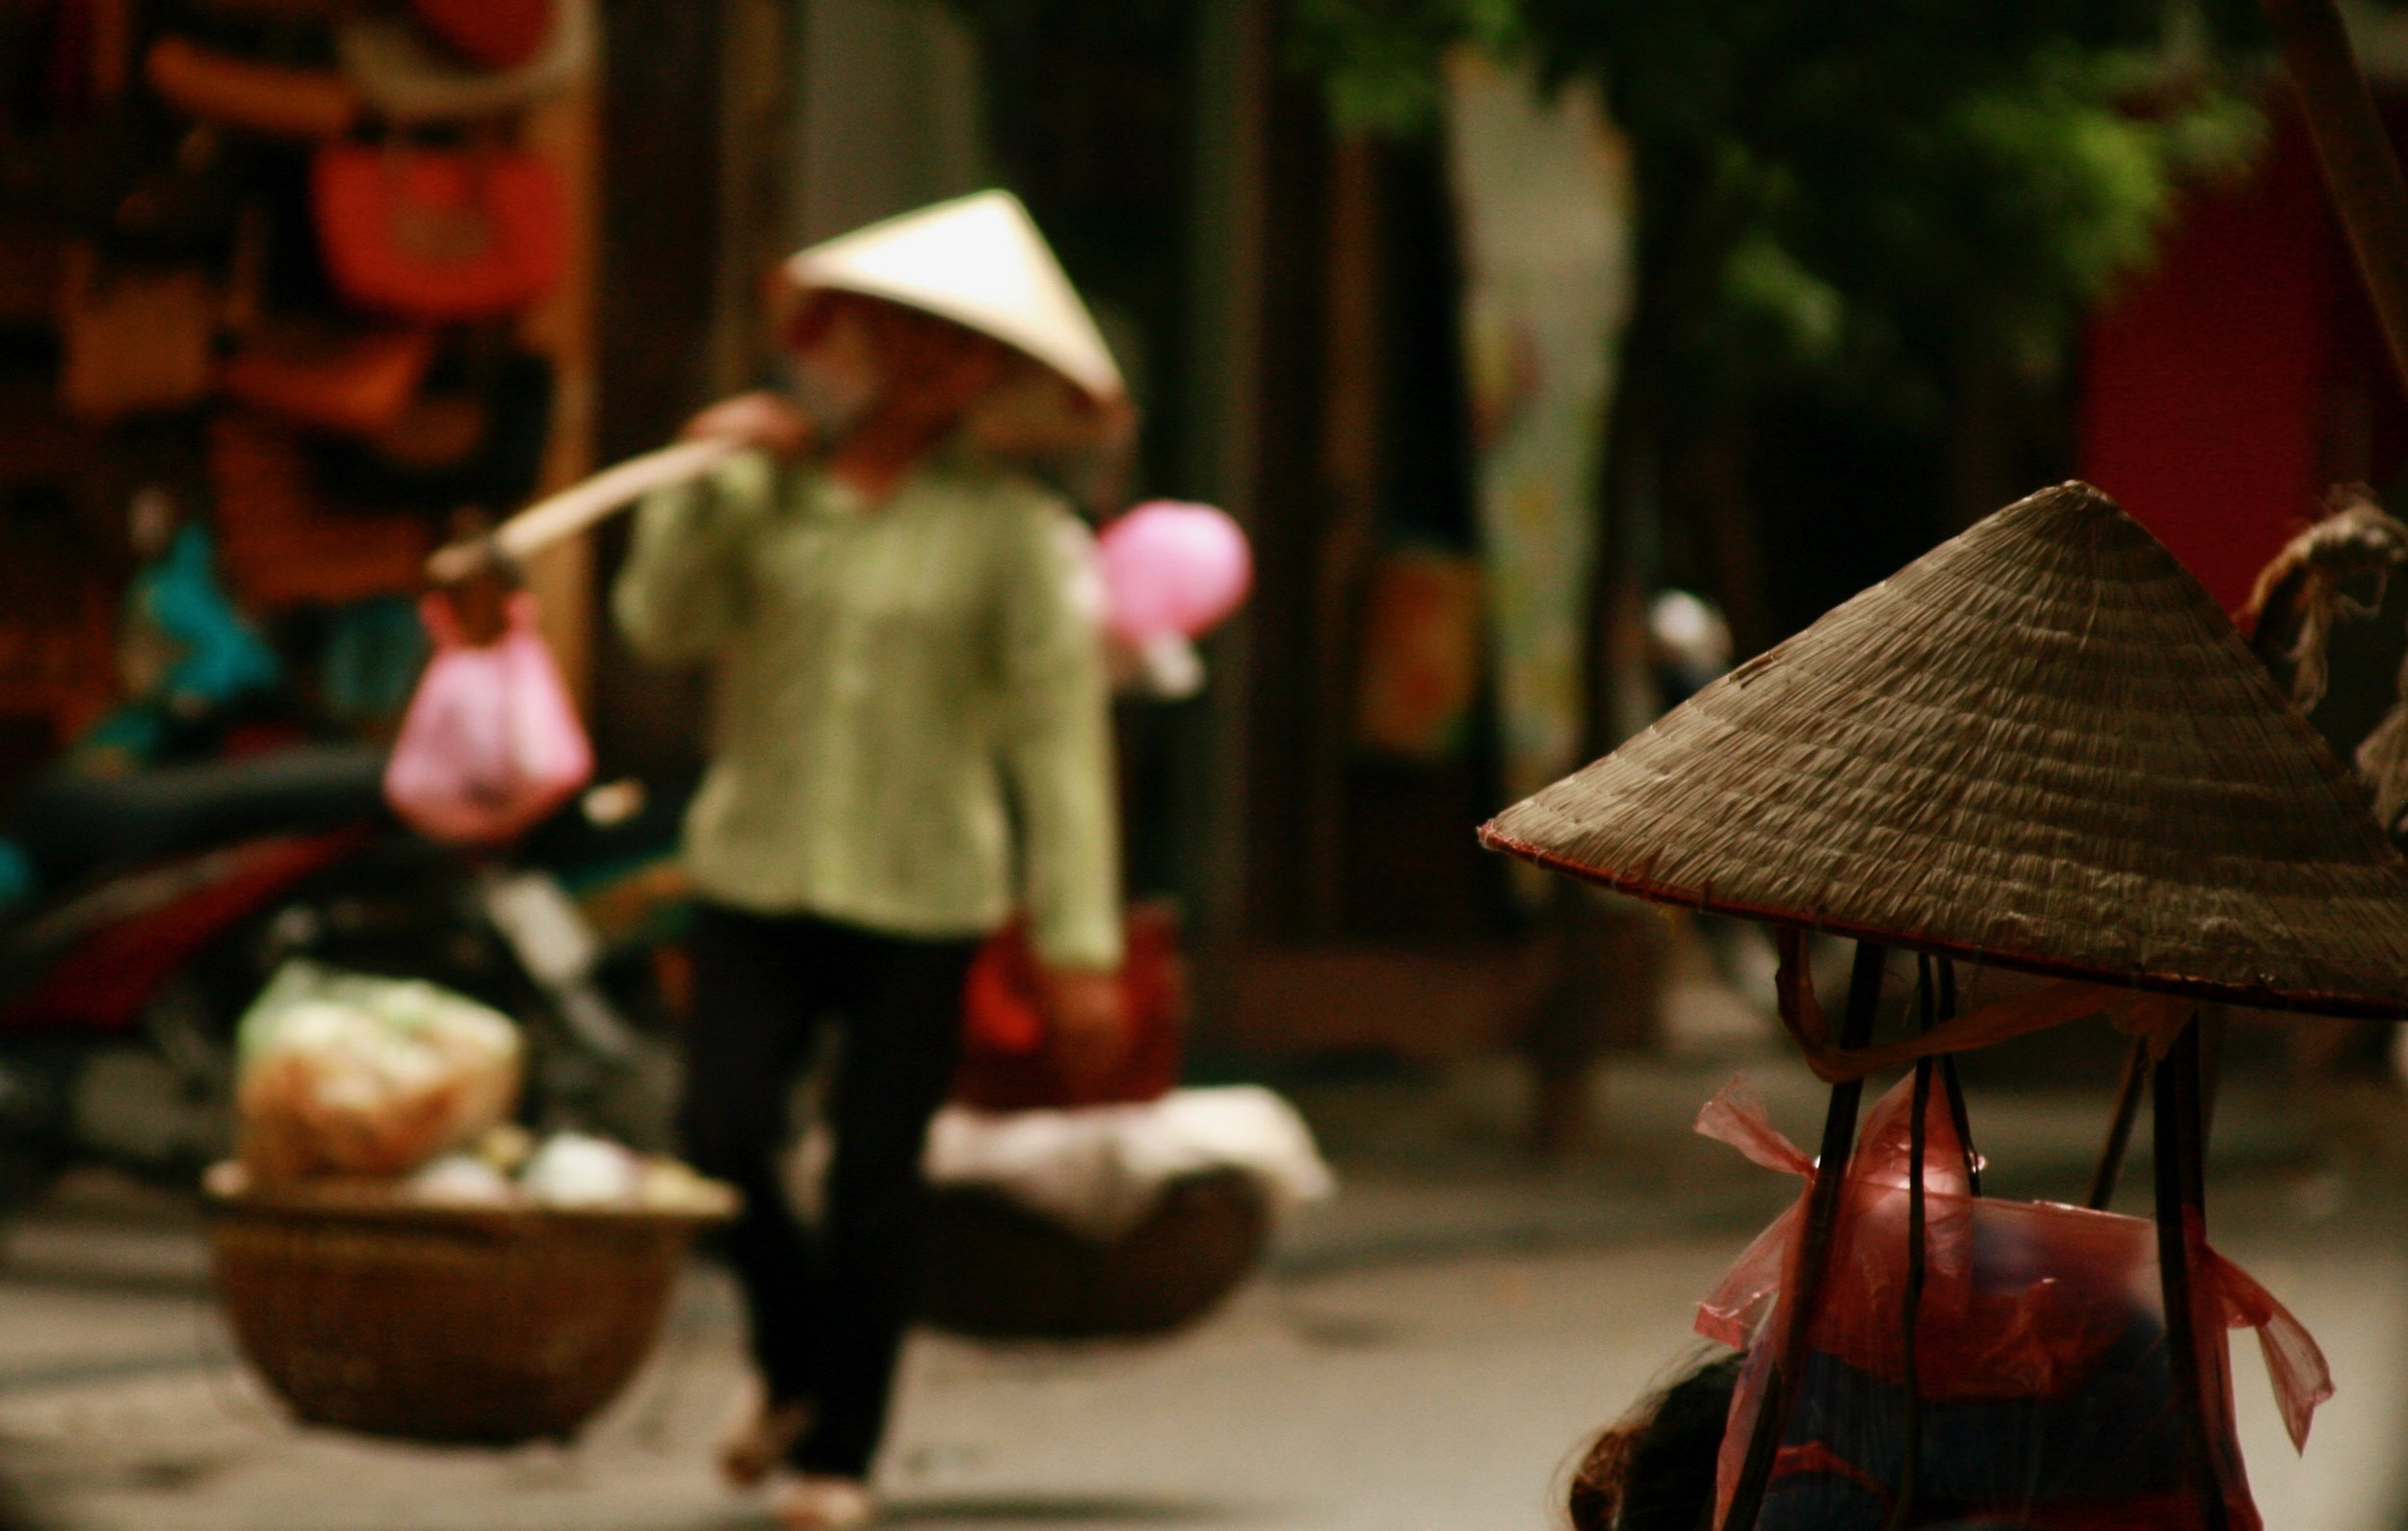 Places-Vietnam Street 2.jpg